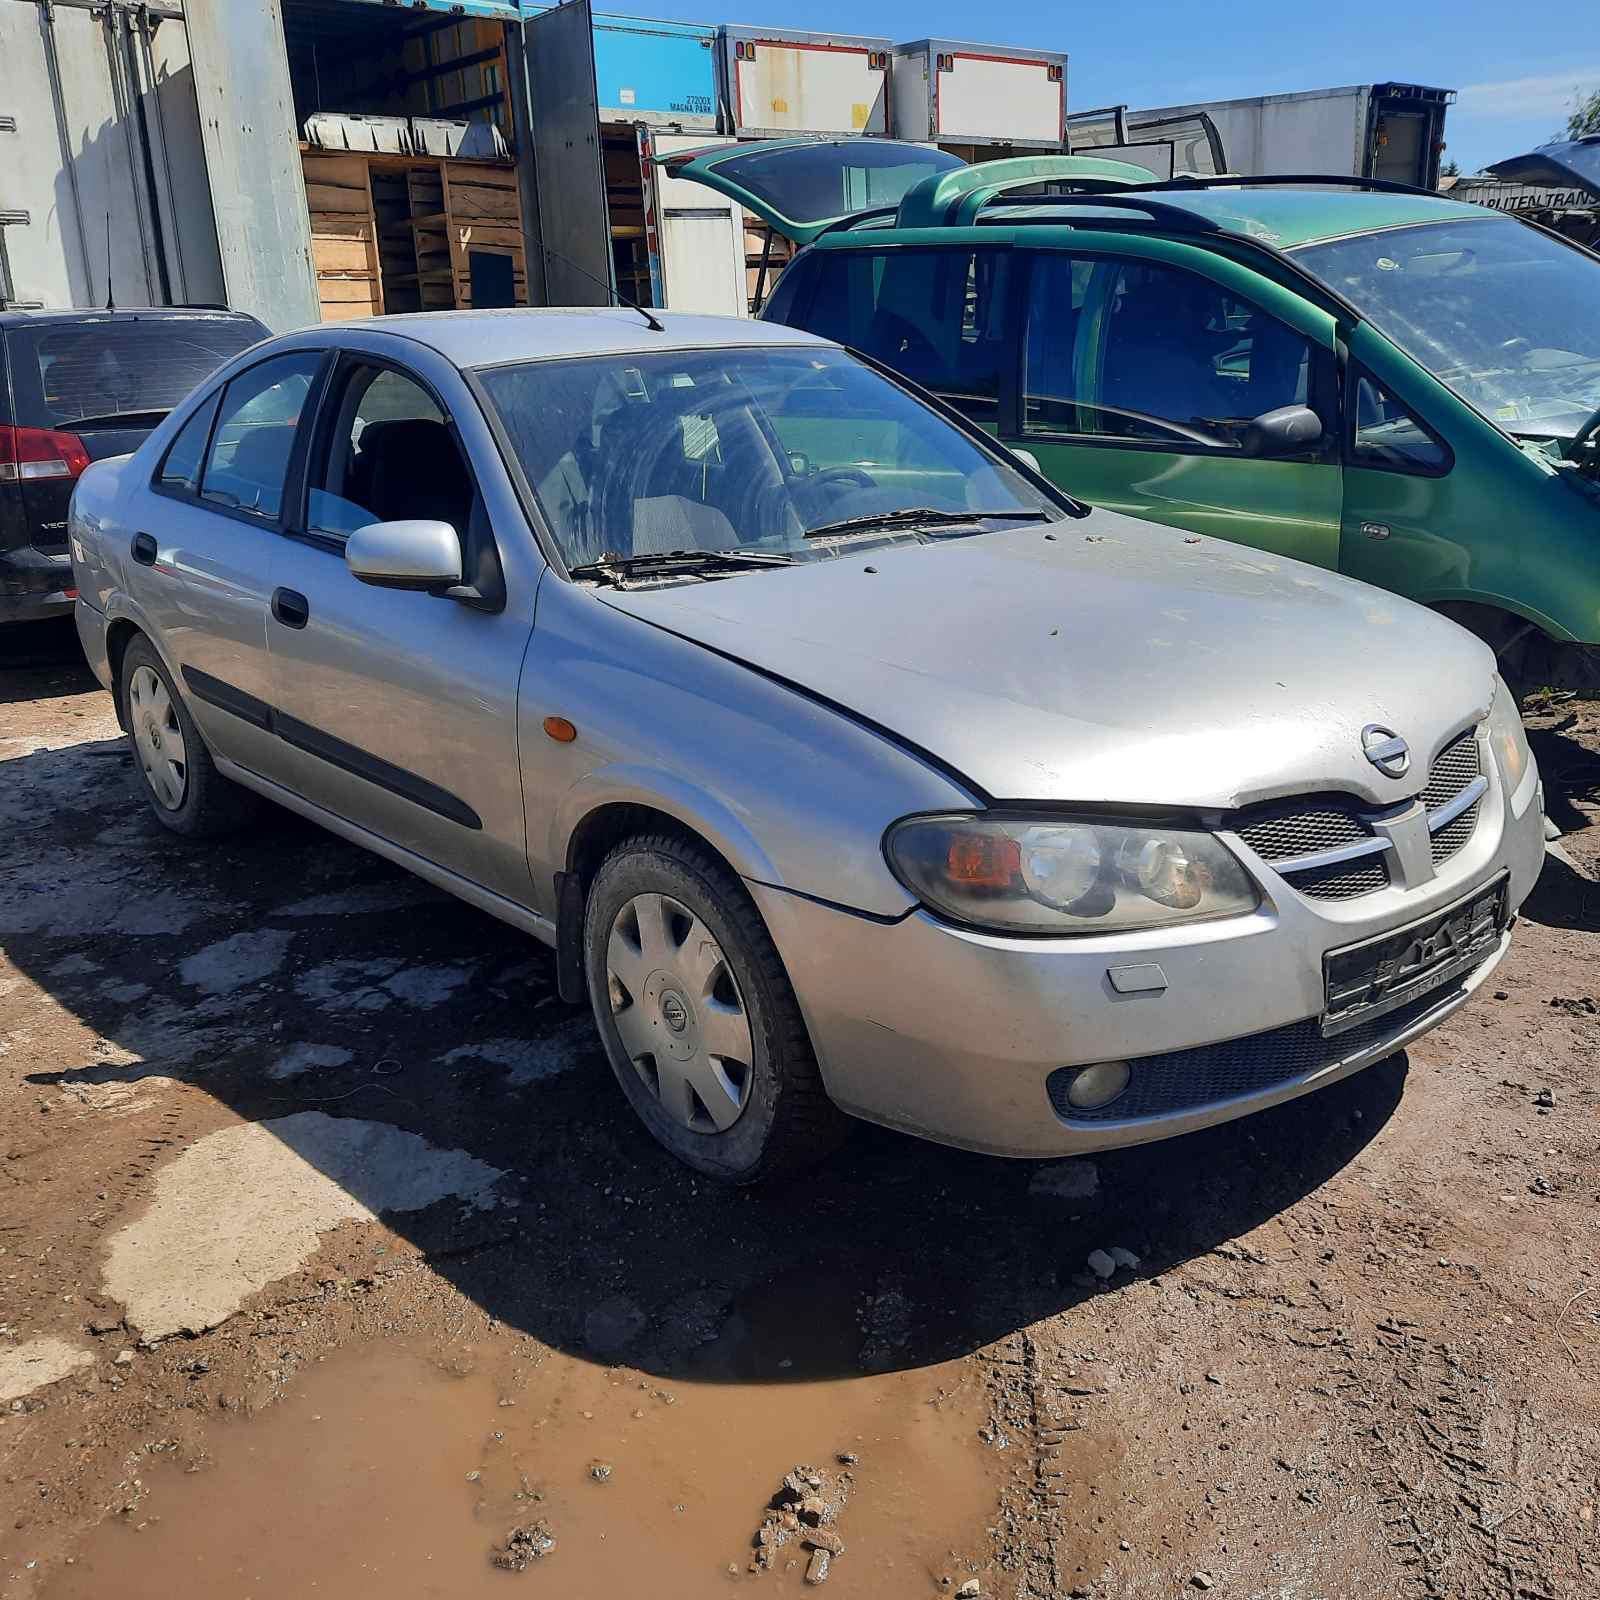 Подержанные Автозапчасти Nissan ALMERA 2005 1.5 машиностроение седан 4/5 d. серебро 2021-6-16